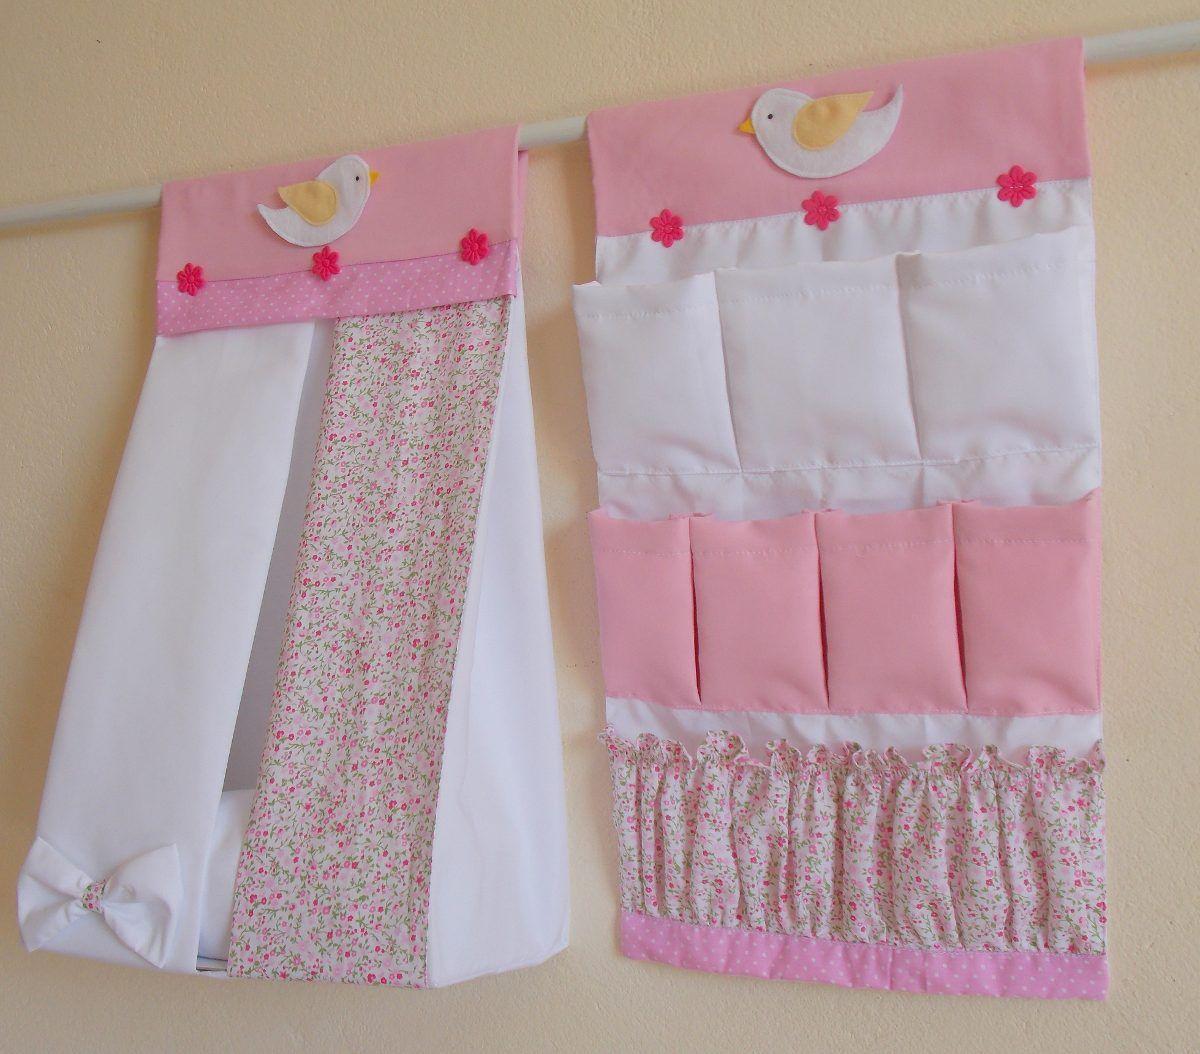 487c32ba7 medidas de um porta fraldas em tecido - Pesquisa Google | Lady Cub ...